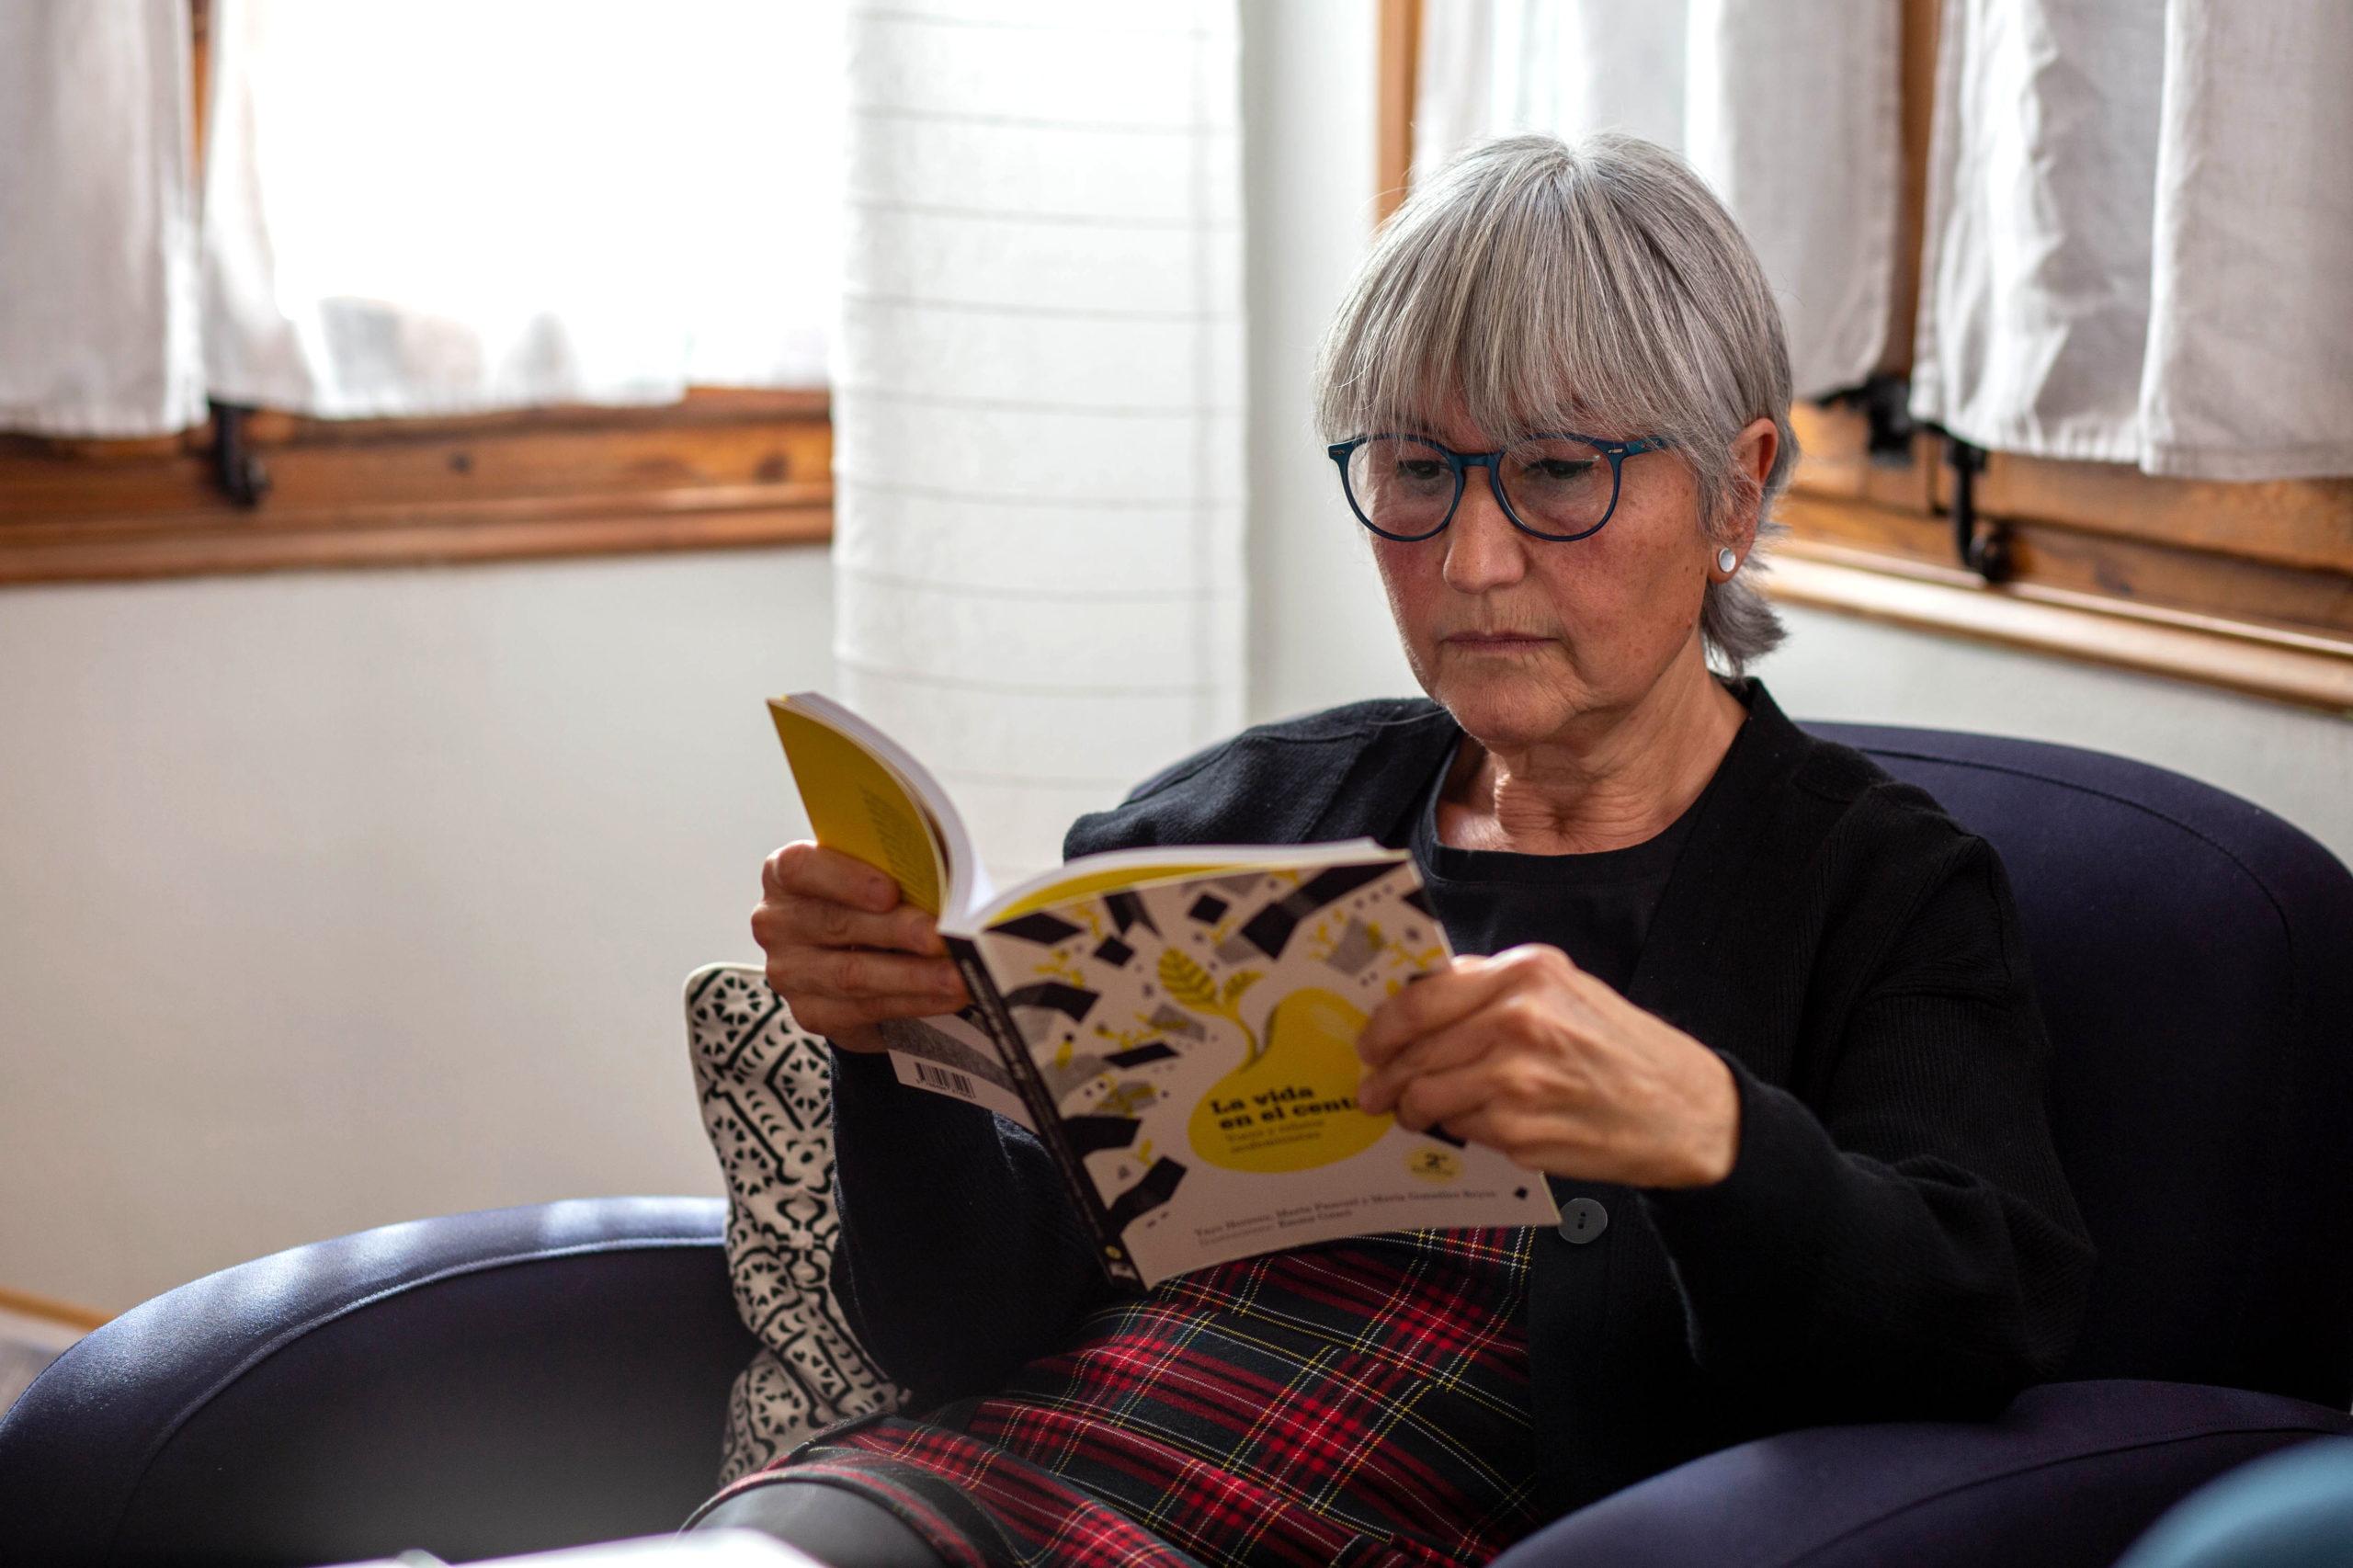 Pla mig d'una dona llegint un llibre asseguda en una butaca